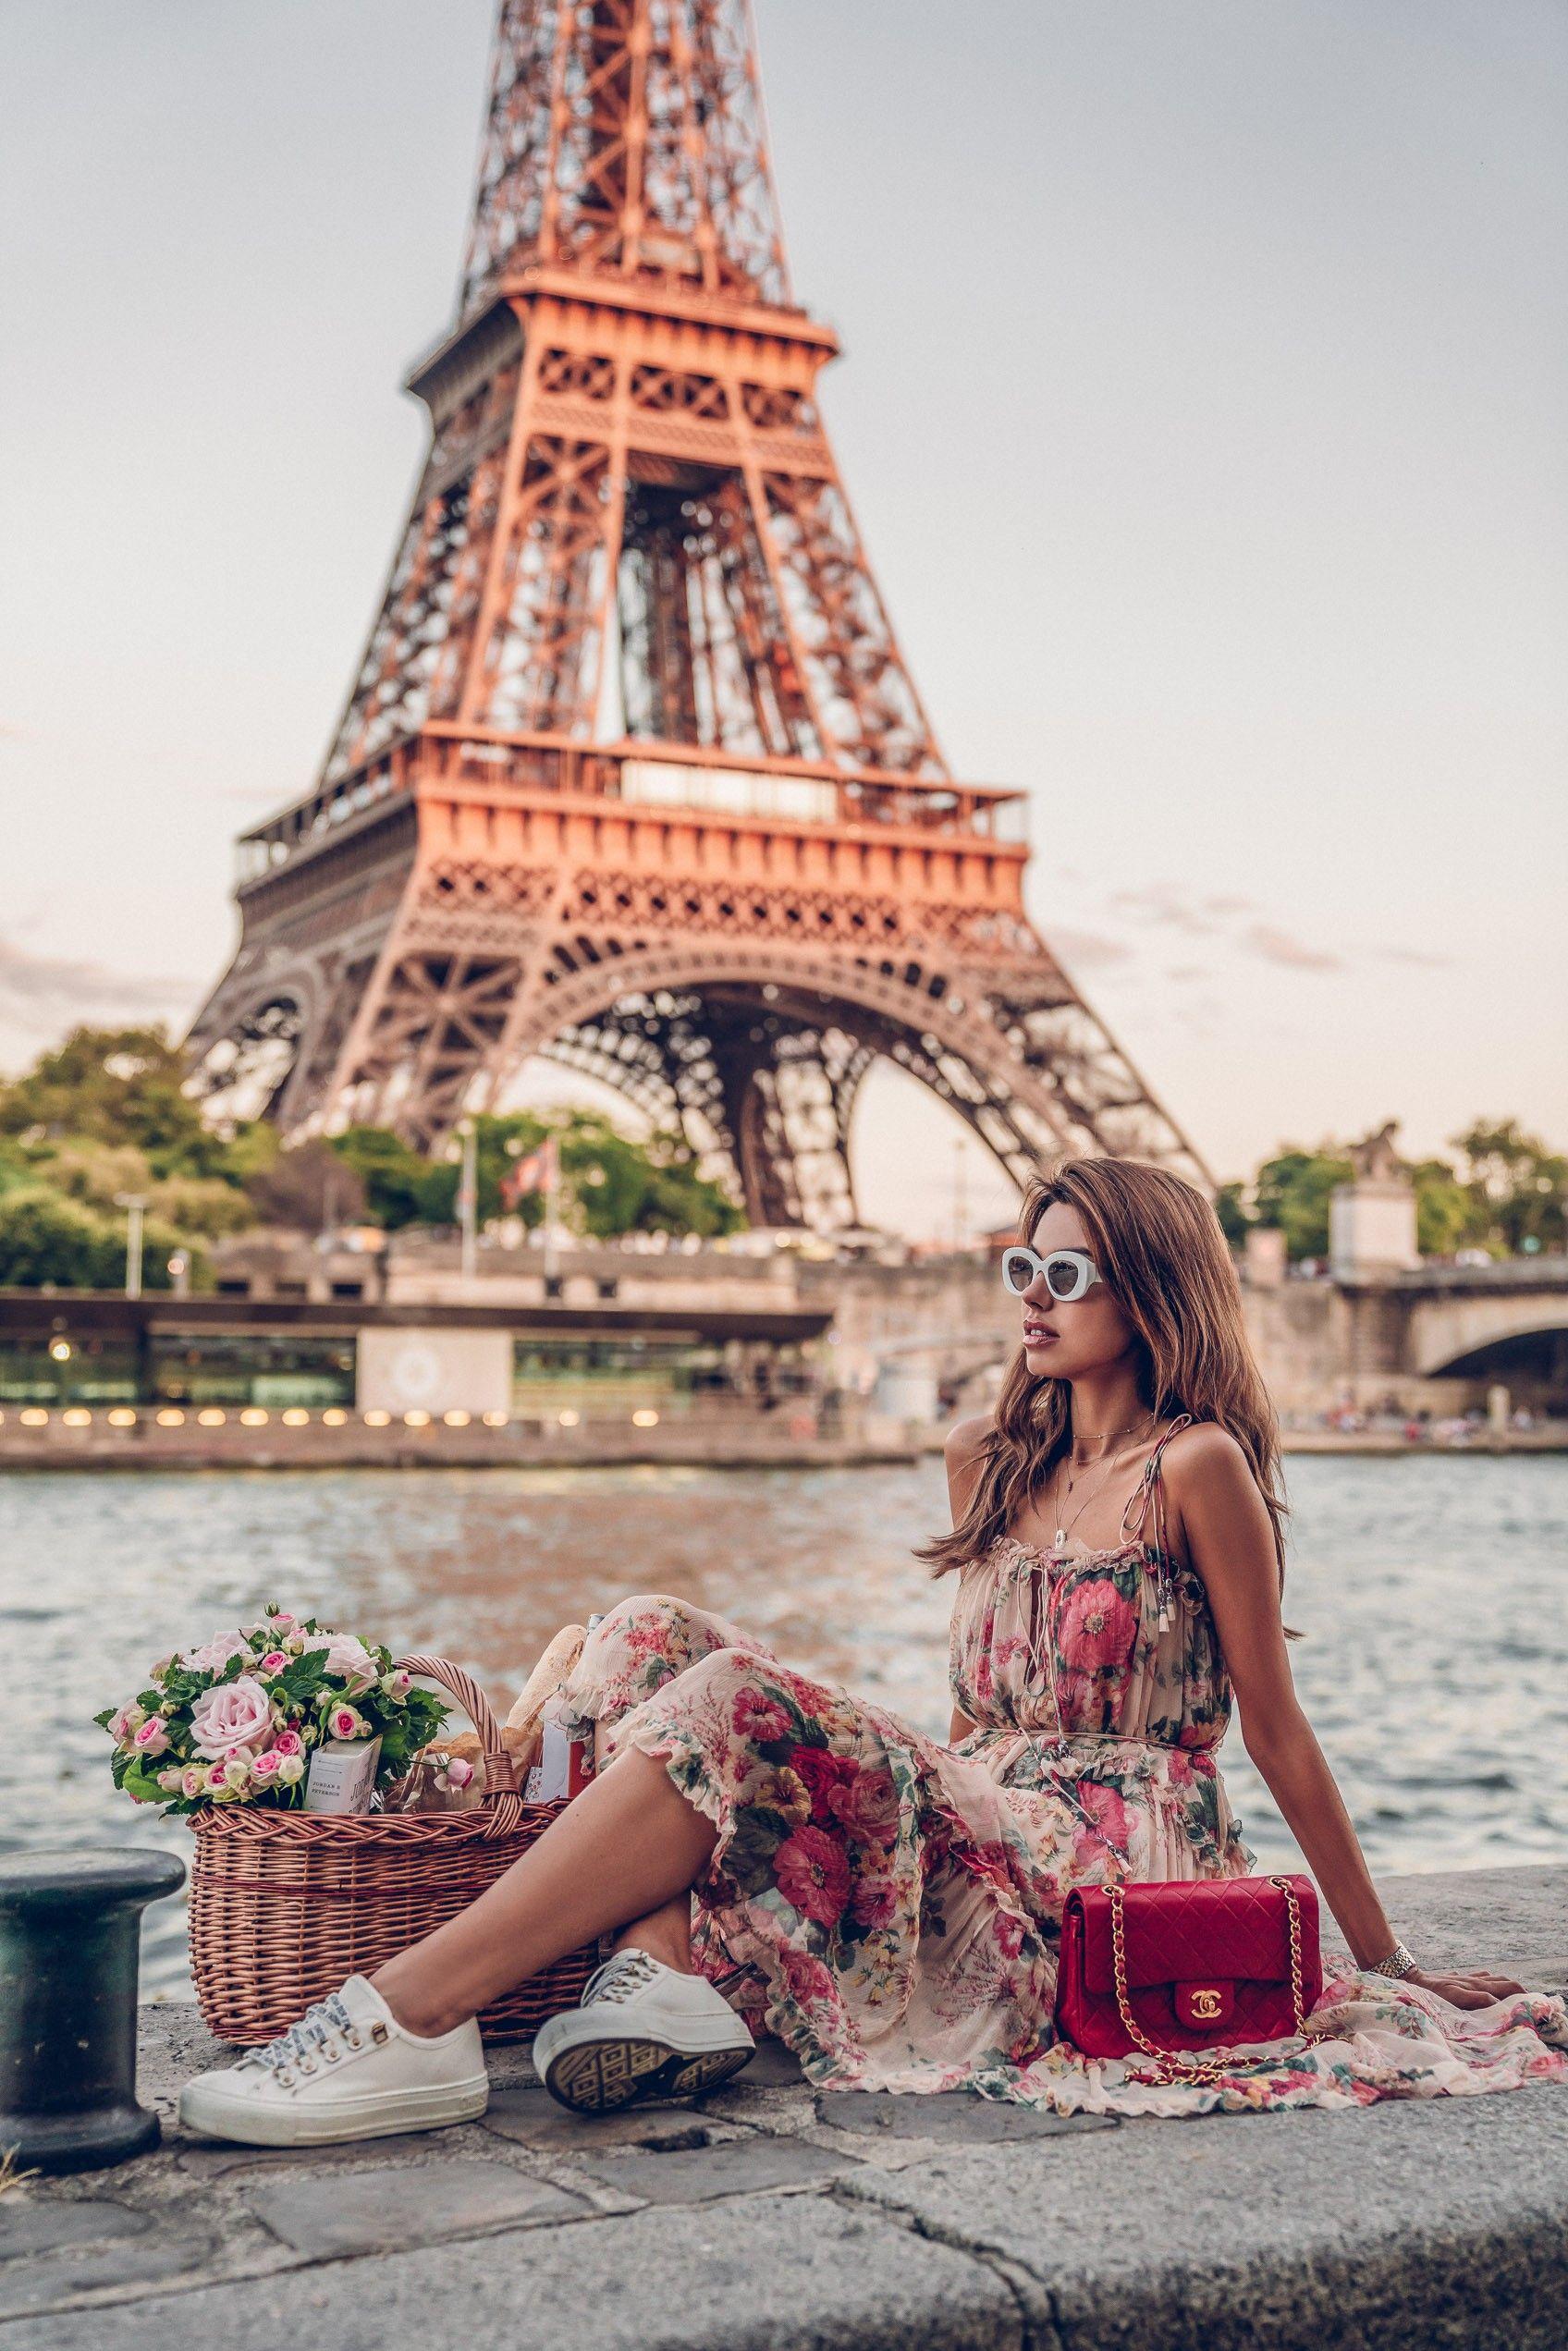 Открытка, самые красивые картинки с девушками в париже